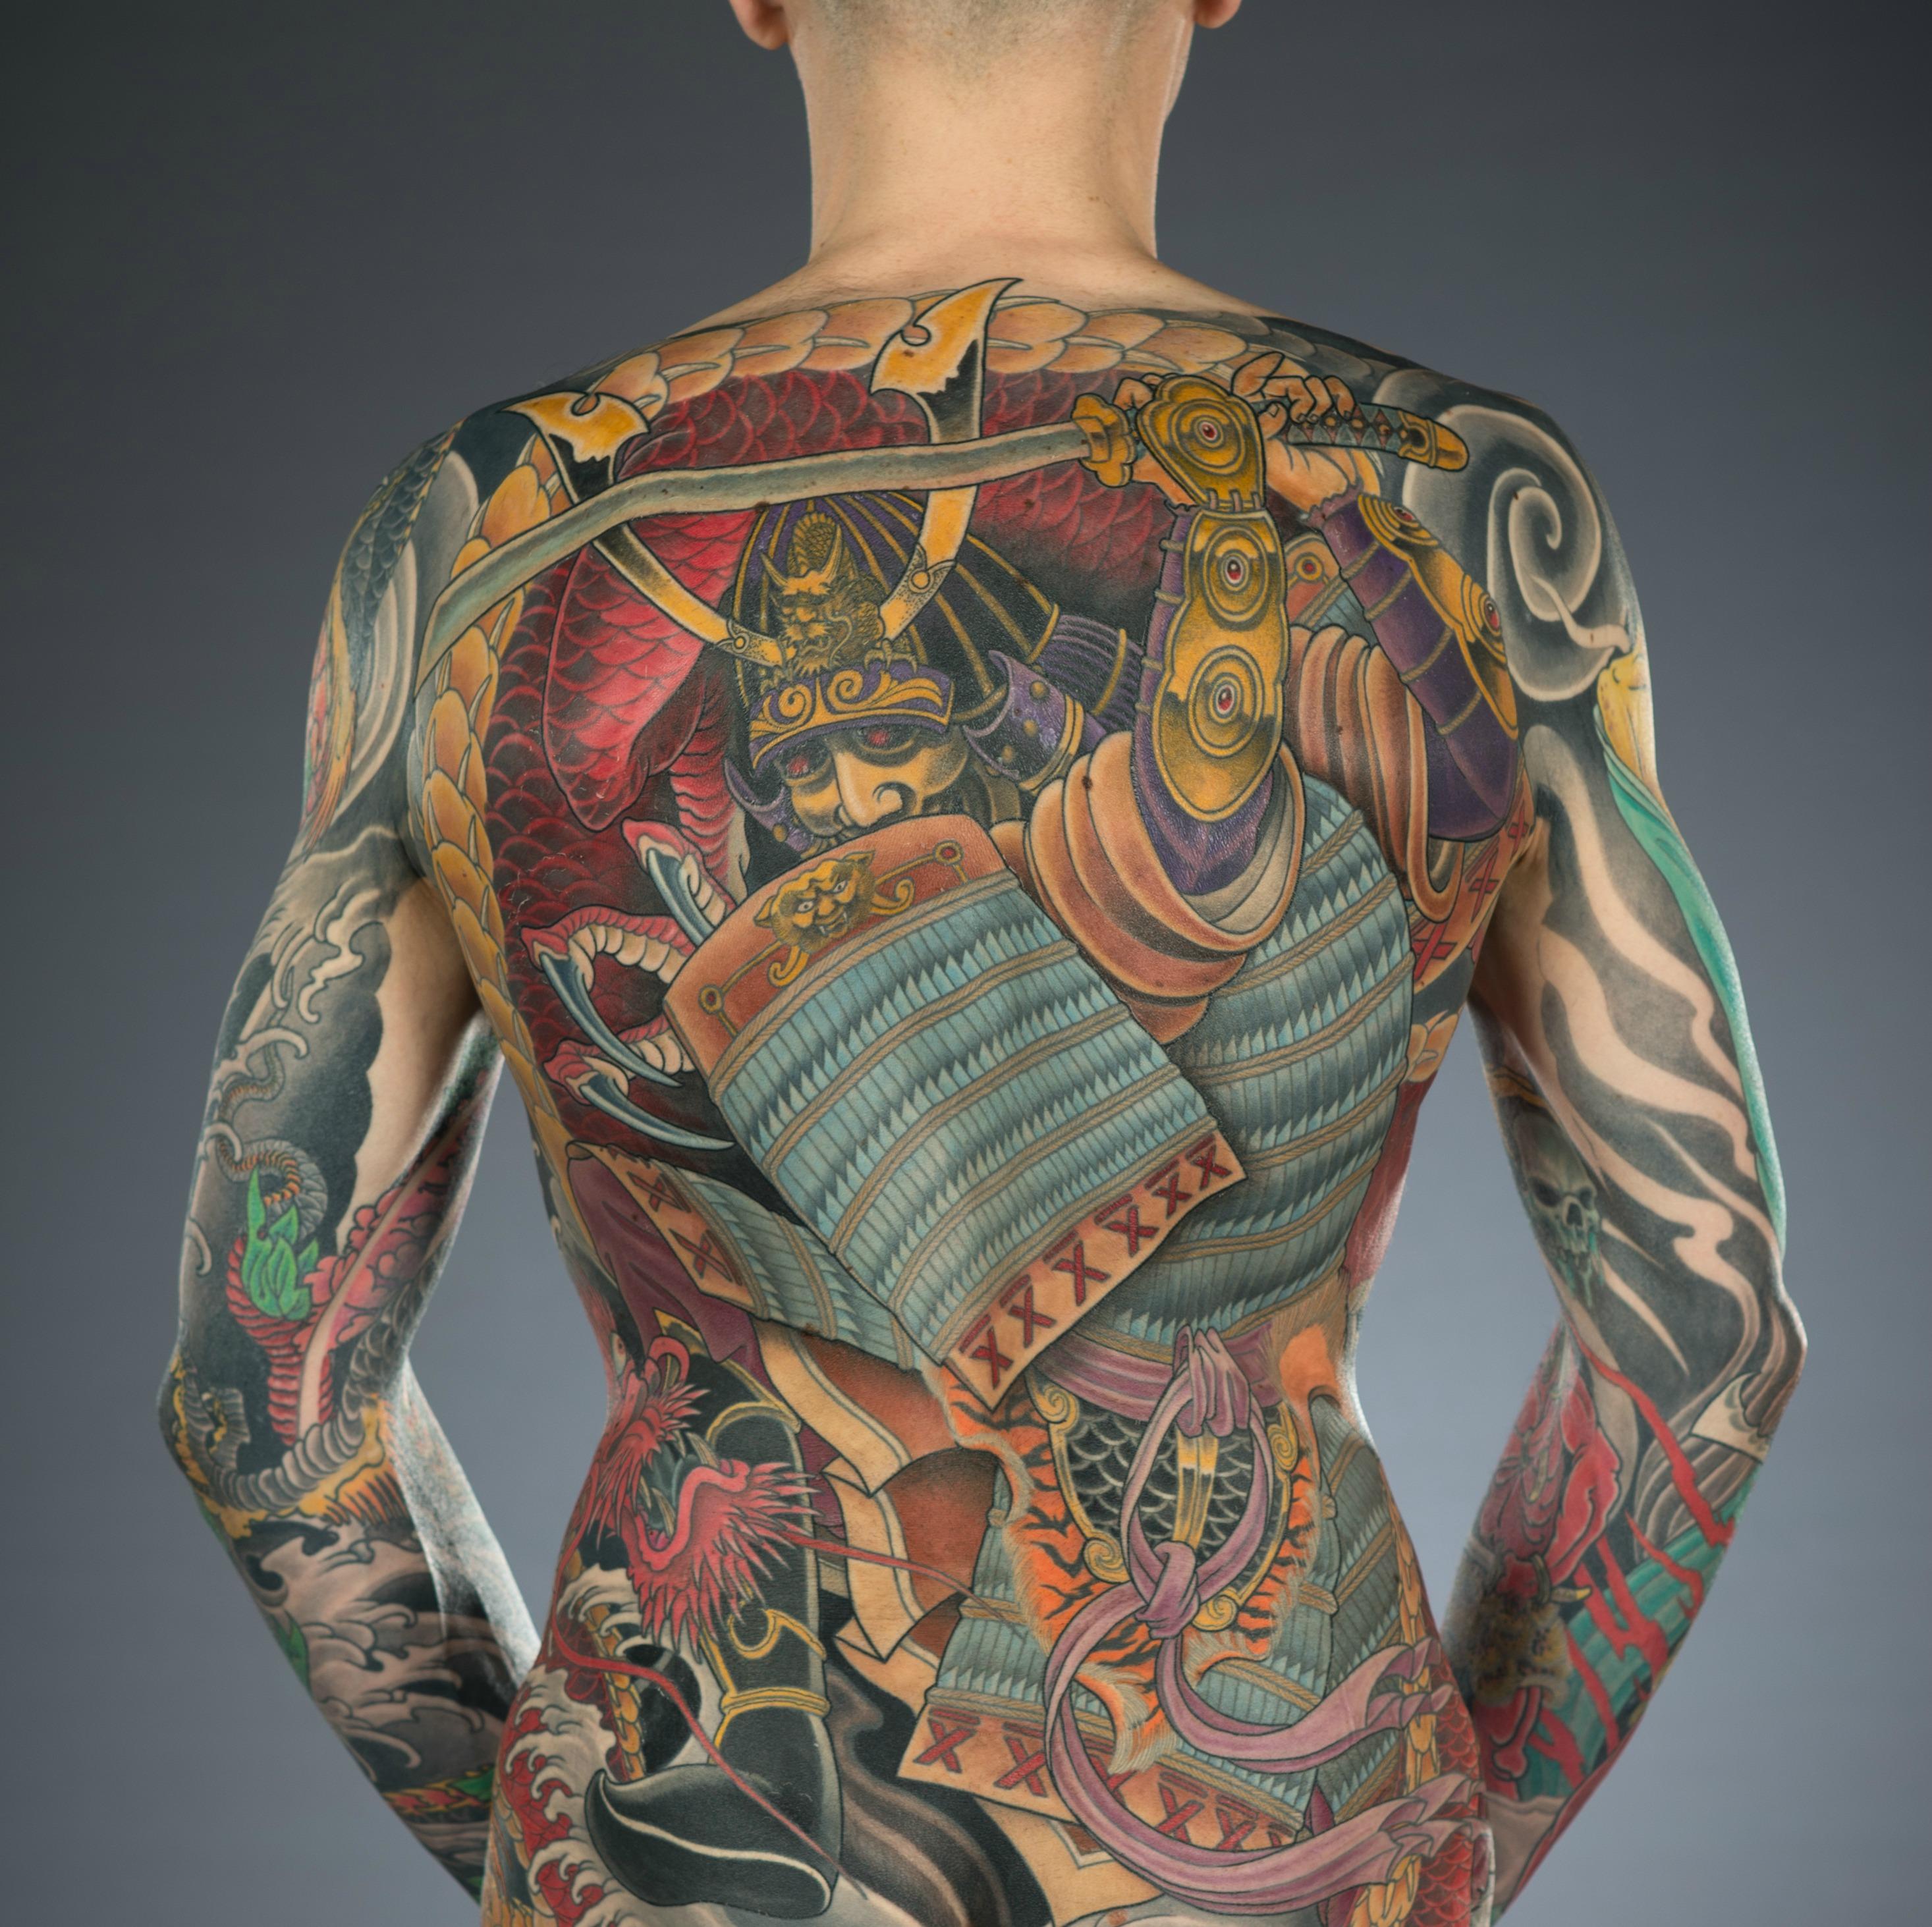 un tatouage de 20 ans